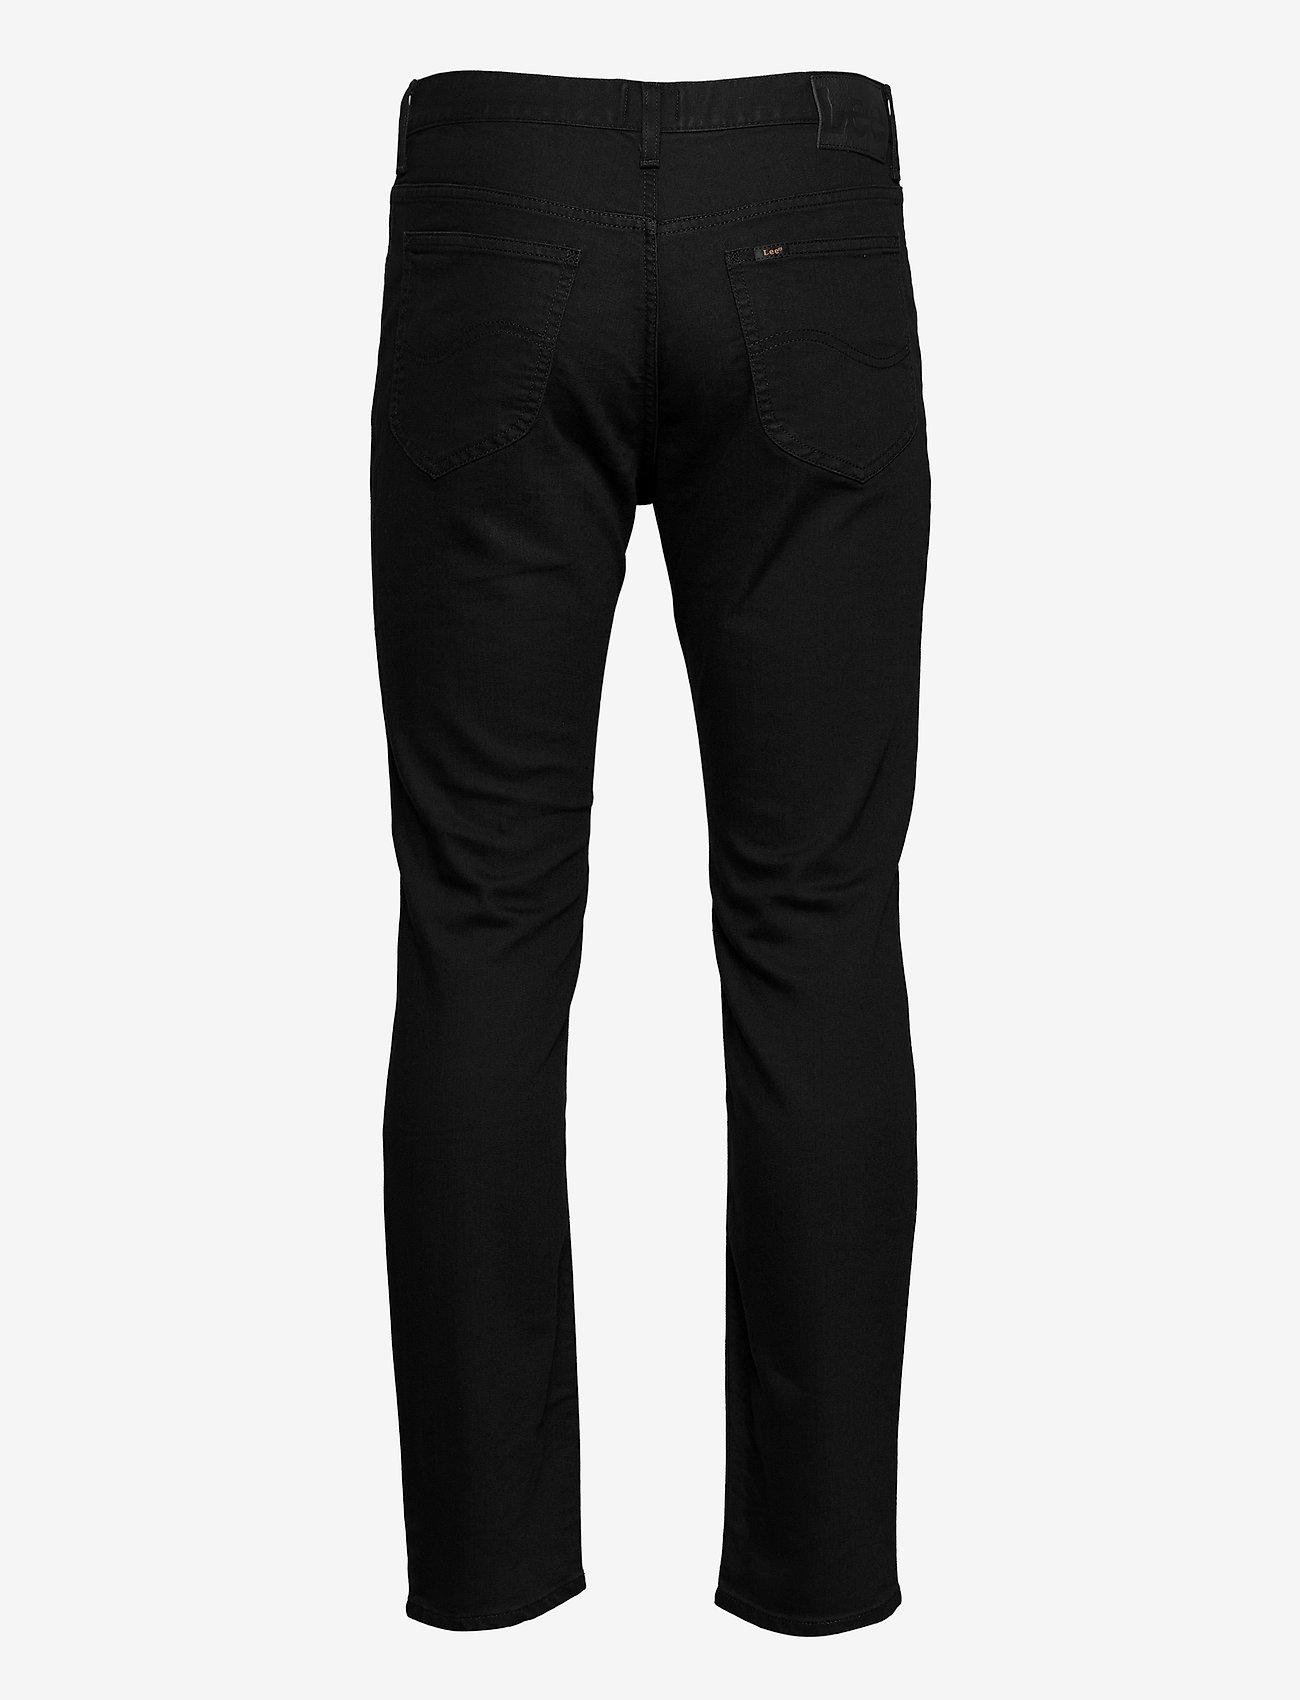 Lee Jeans - RIDER - slim jeans - black rinse - 1